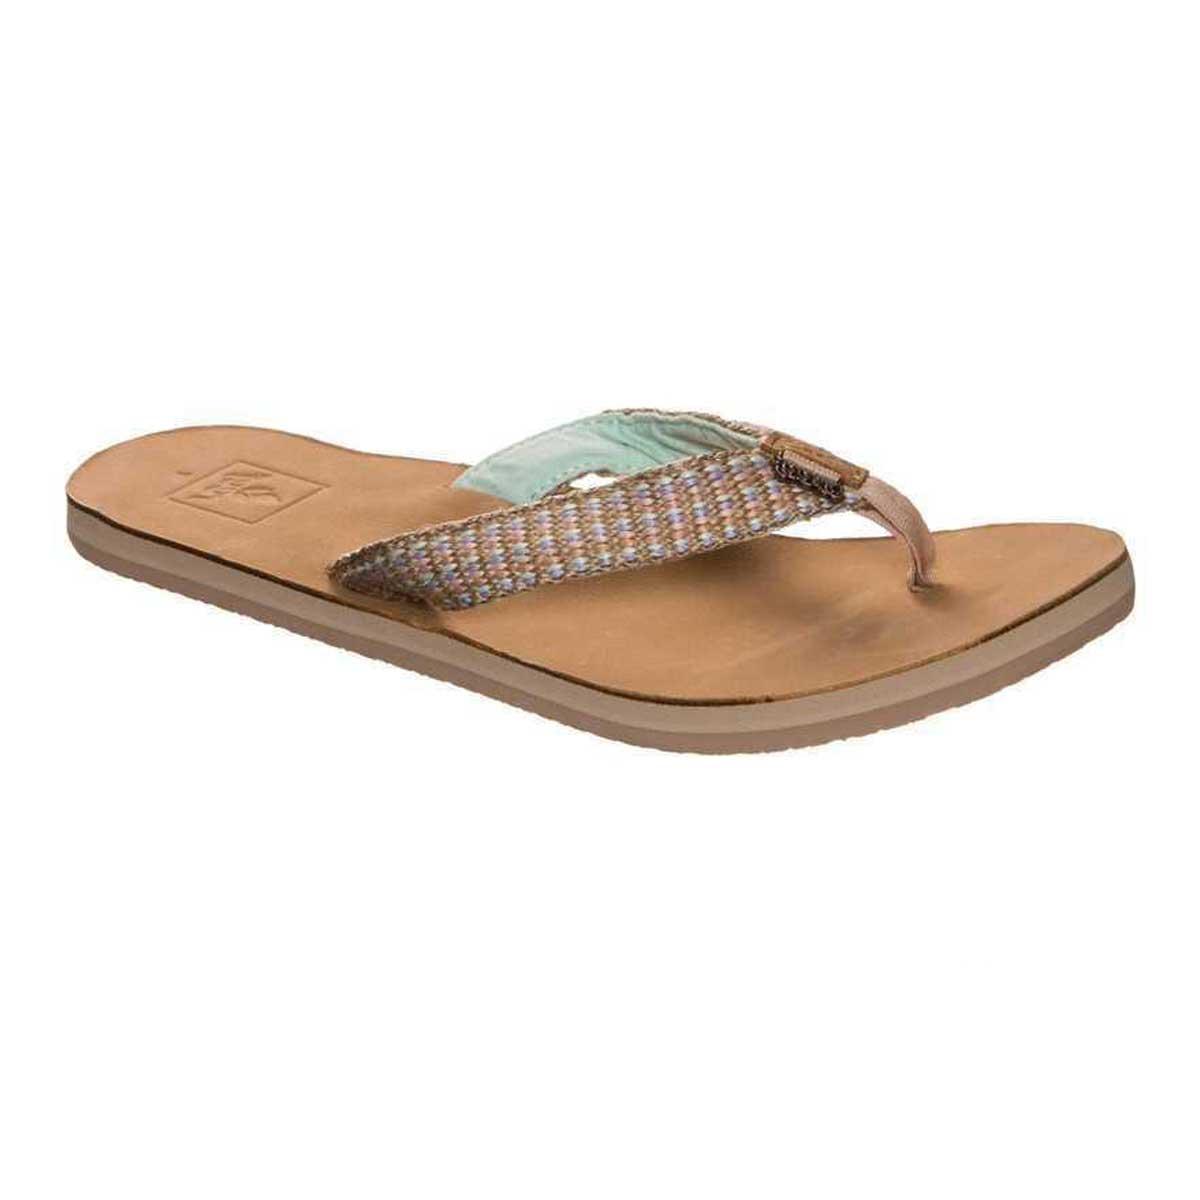 Reef Gypsylove Lux Womens Flip Flops   Footwear  The Board Basement-6028